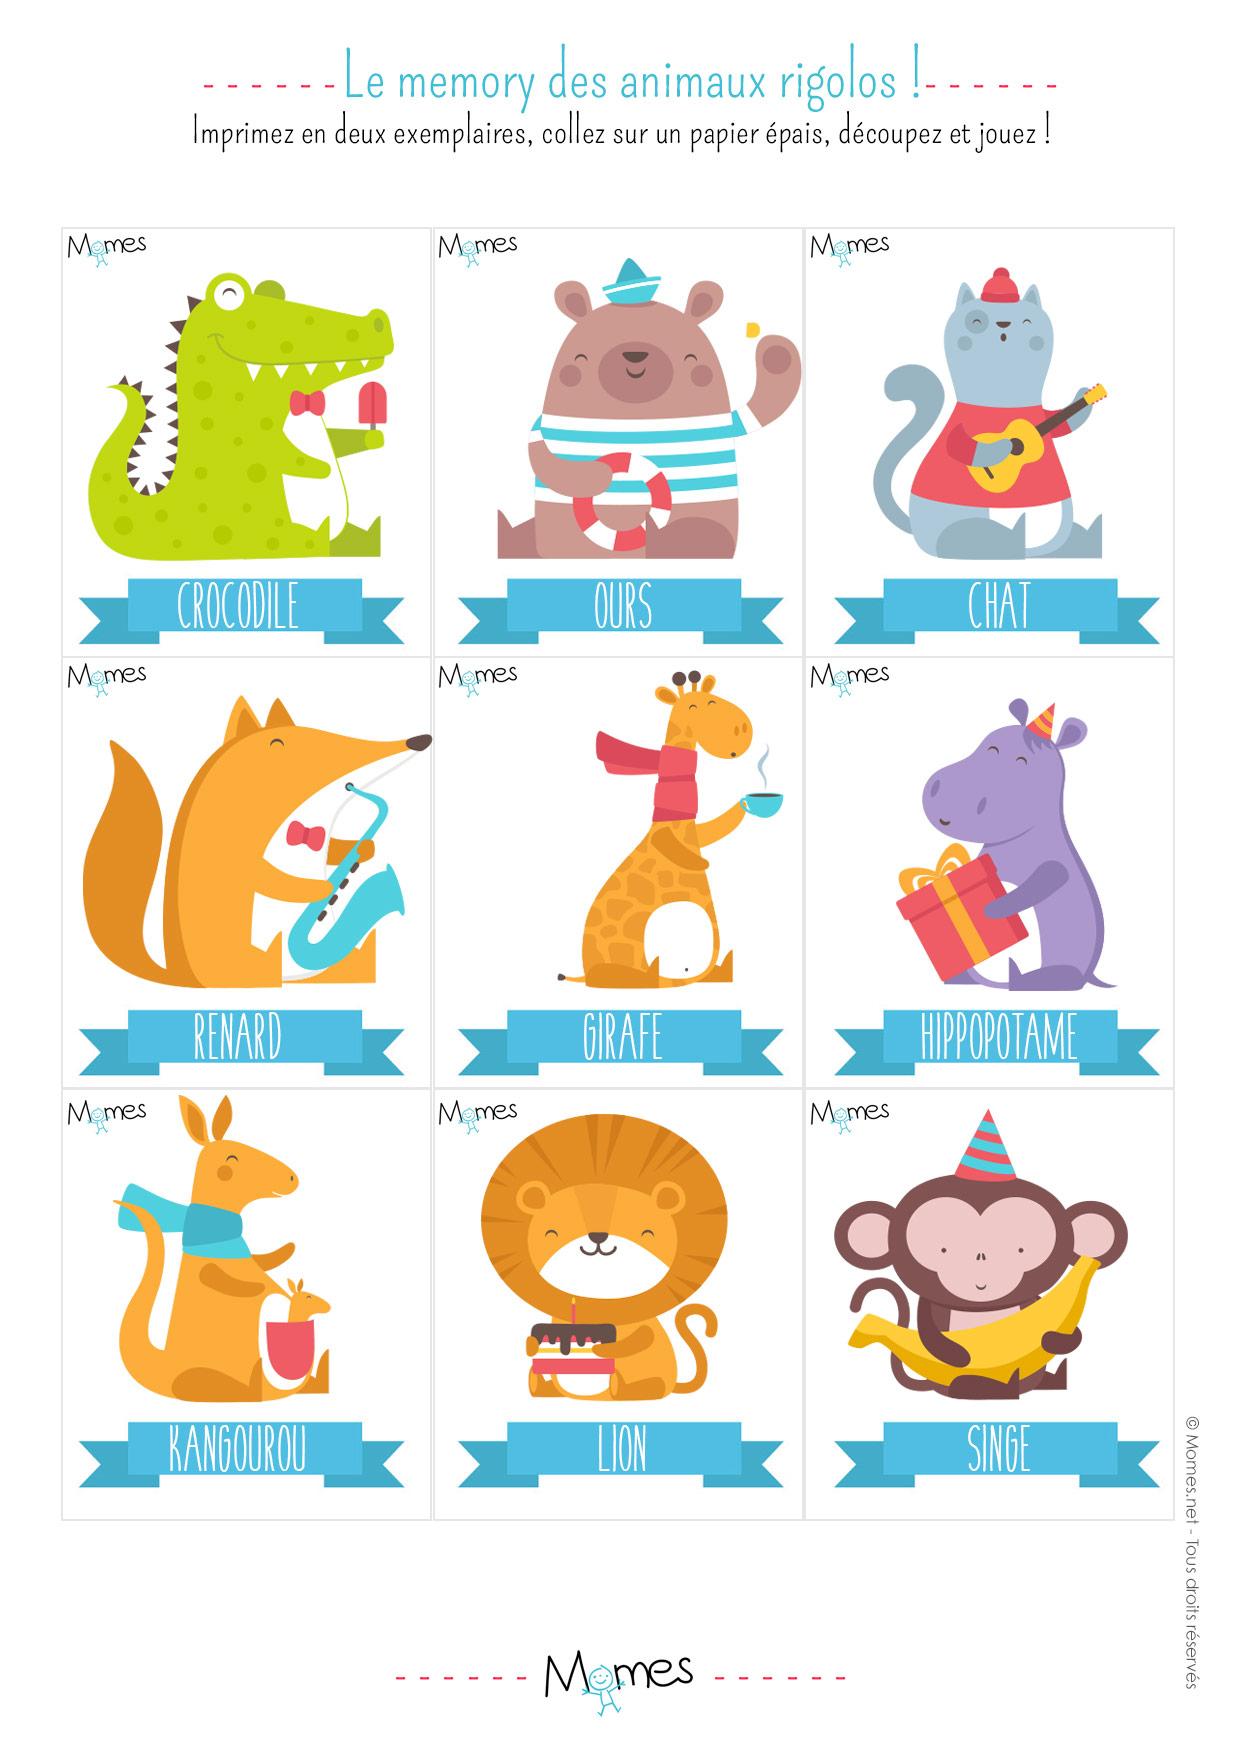 Memory Animaux - Jeu À Imprimer - Momes à Jeux De Memory Pour Enfants